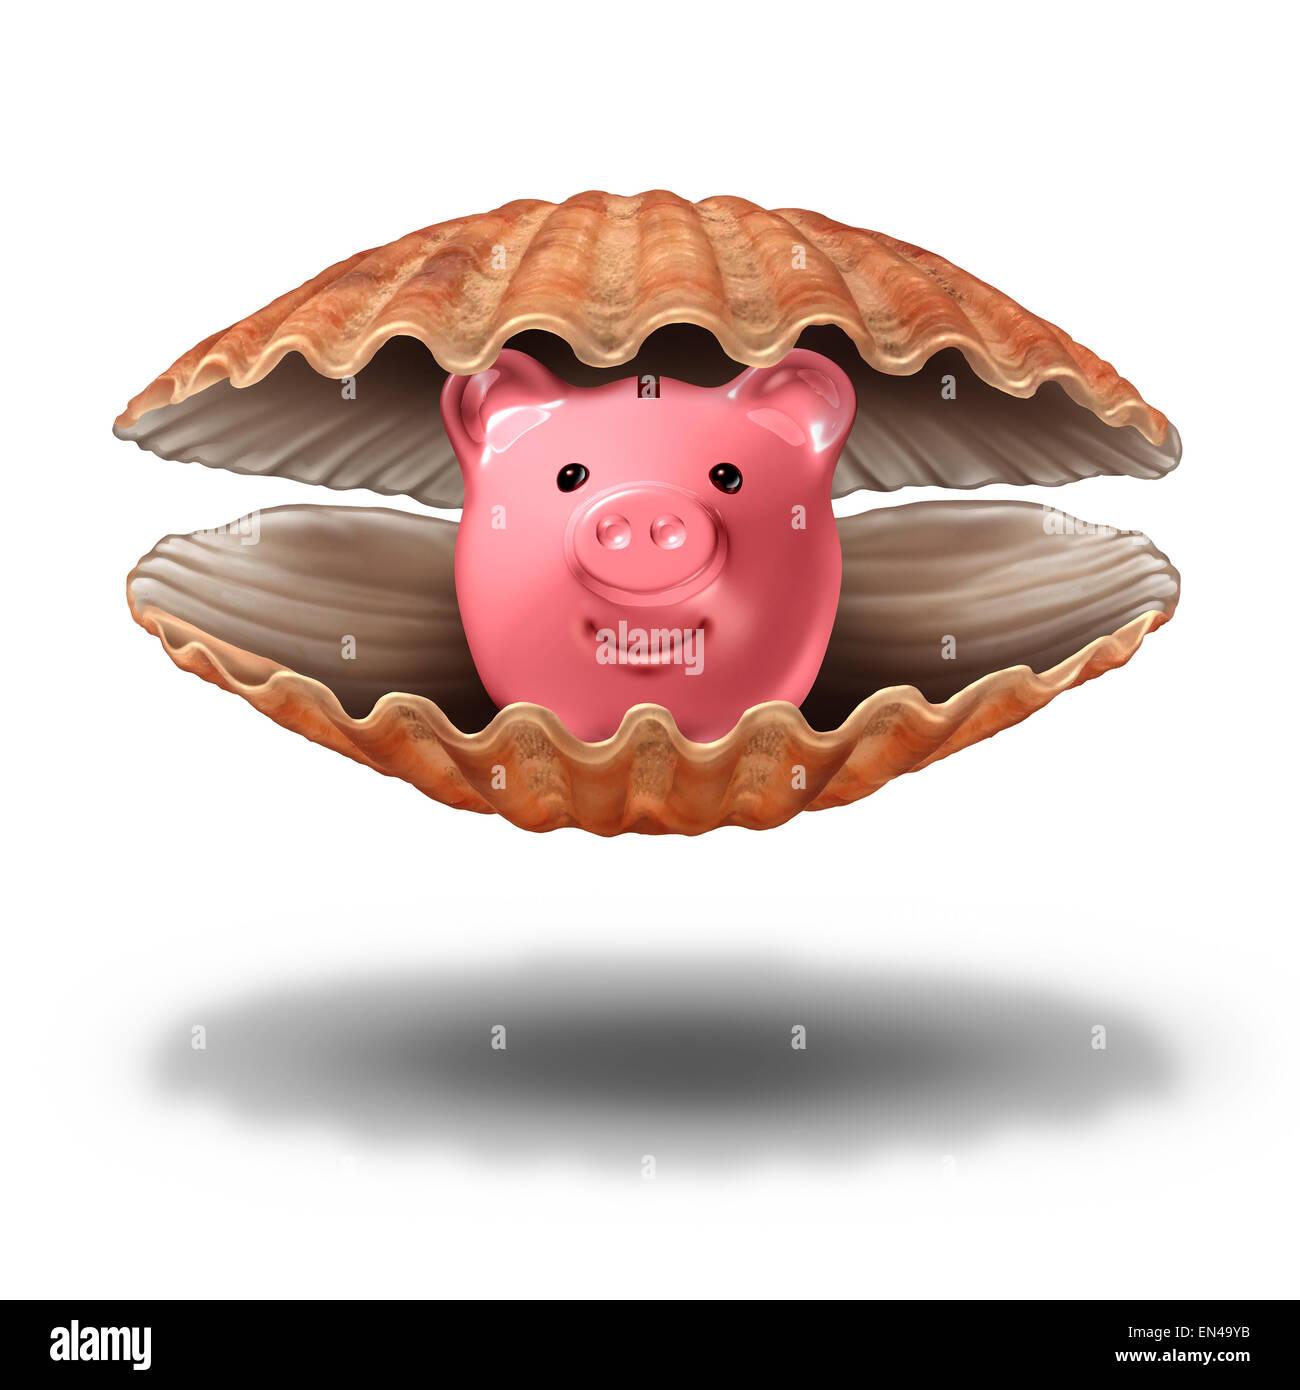 Einsparungen Schatz und finanziellen Reichtum Vermögen Konzept als eine offene Muschel mit einem Sparschwein Stockbild